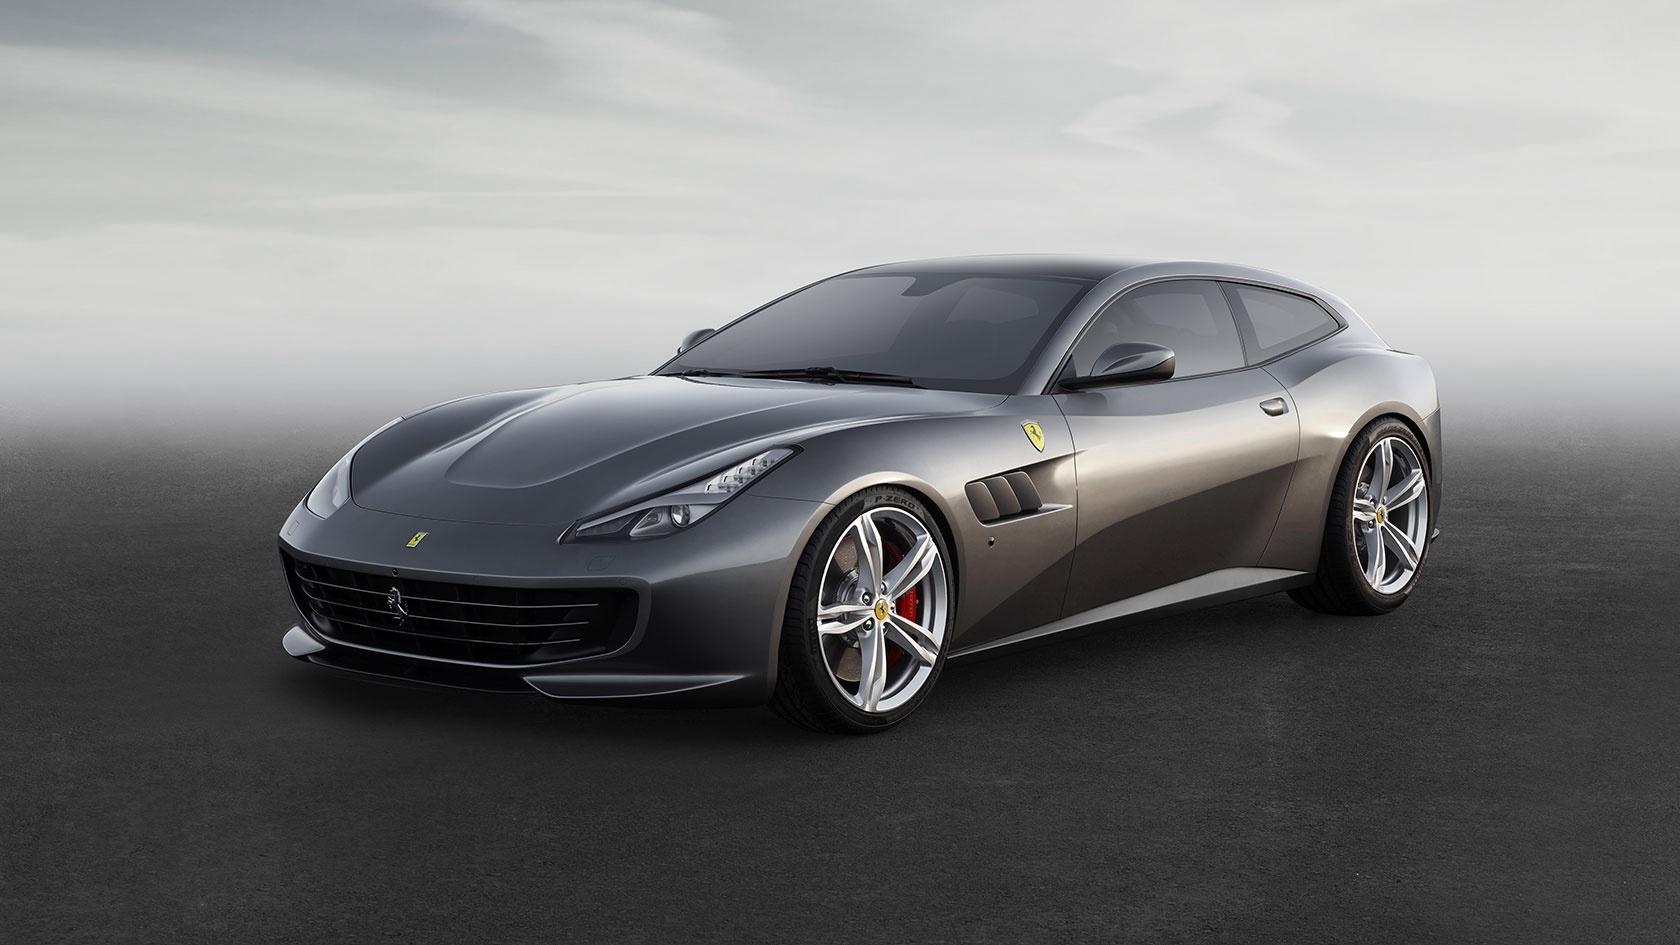 New 2020 Ferrari Gtc4lusso For Sale Miller Motorcars